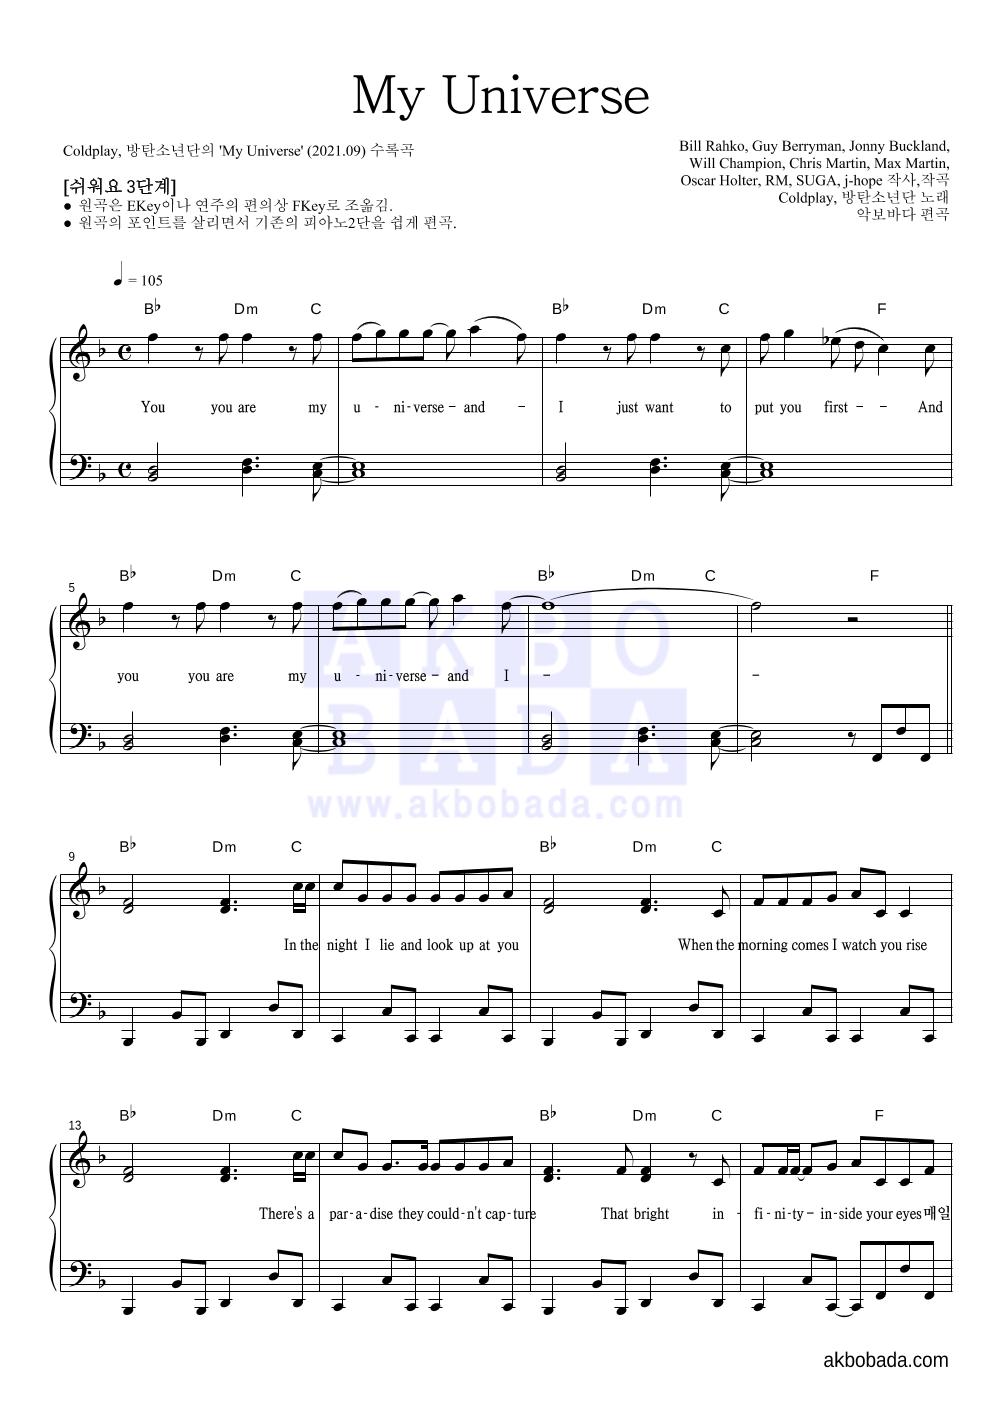 Coldplay,방탄소년단 - My Universe 피아노2단-쉬워요 악보